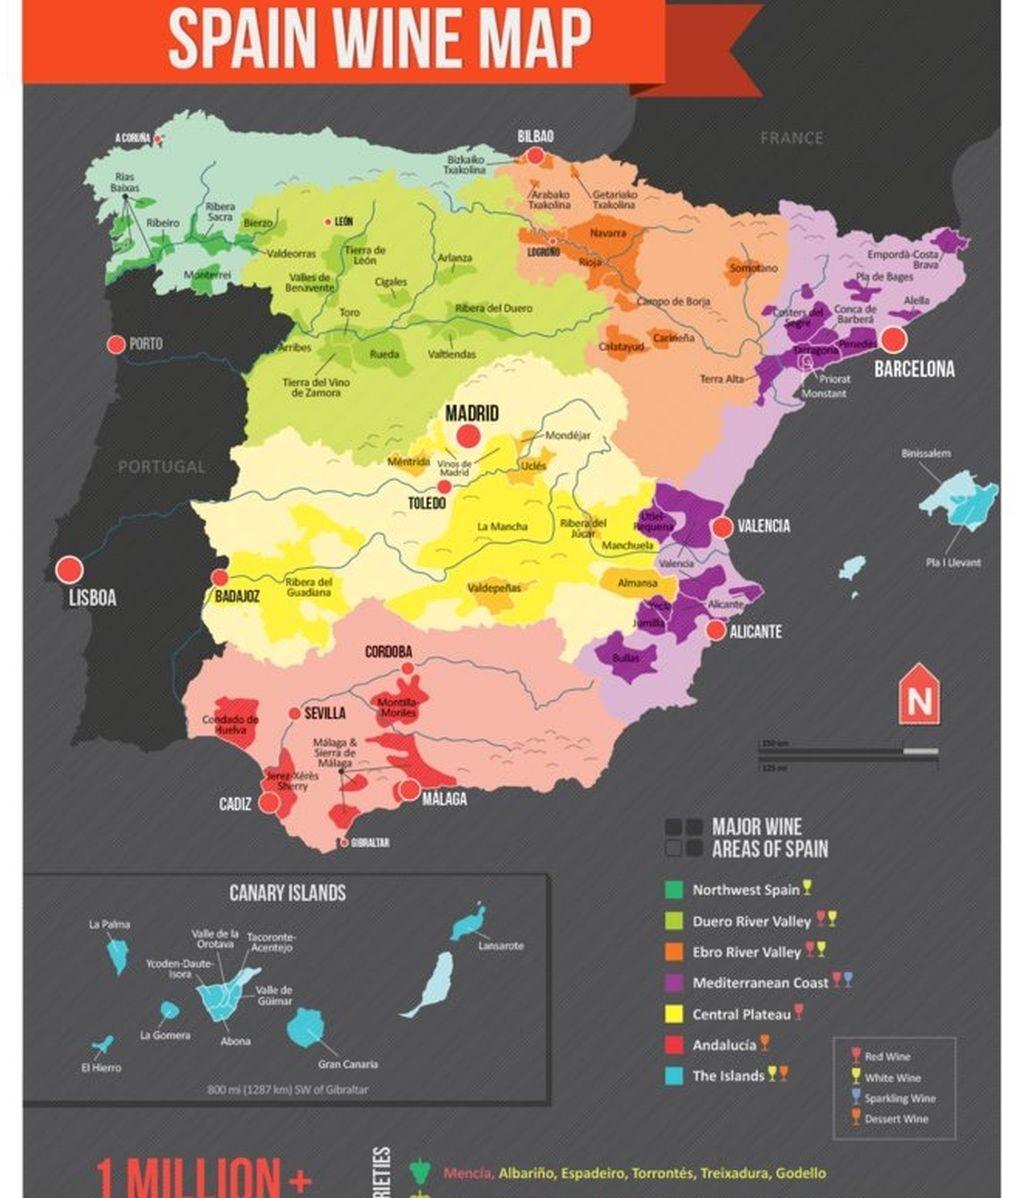 El mapa del vino en España